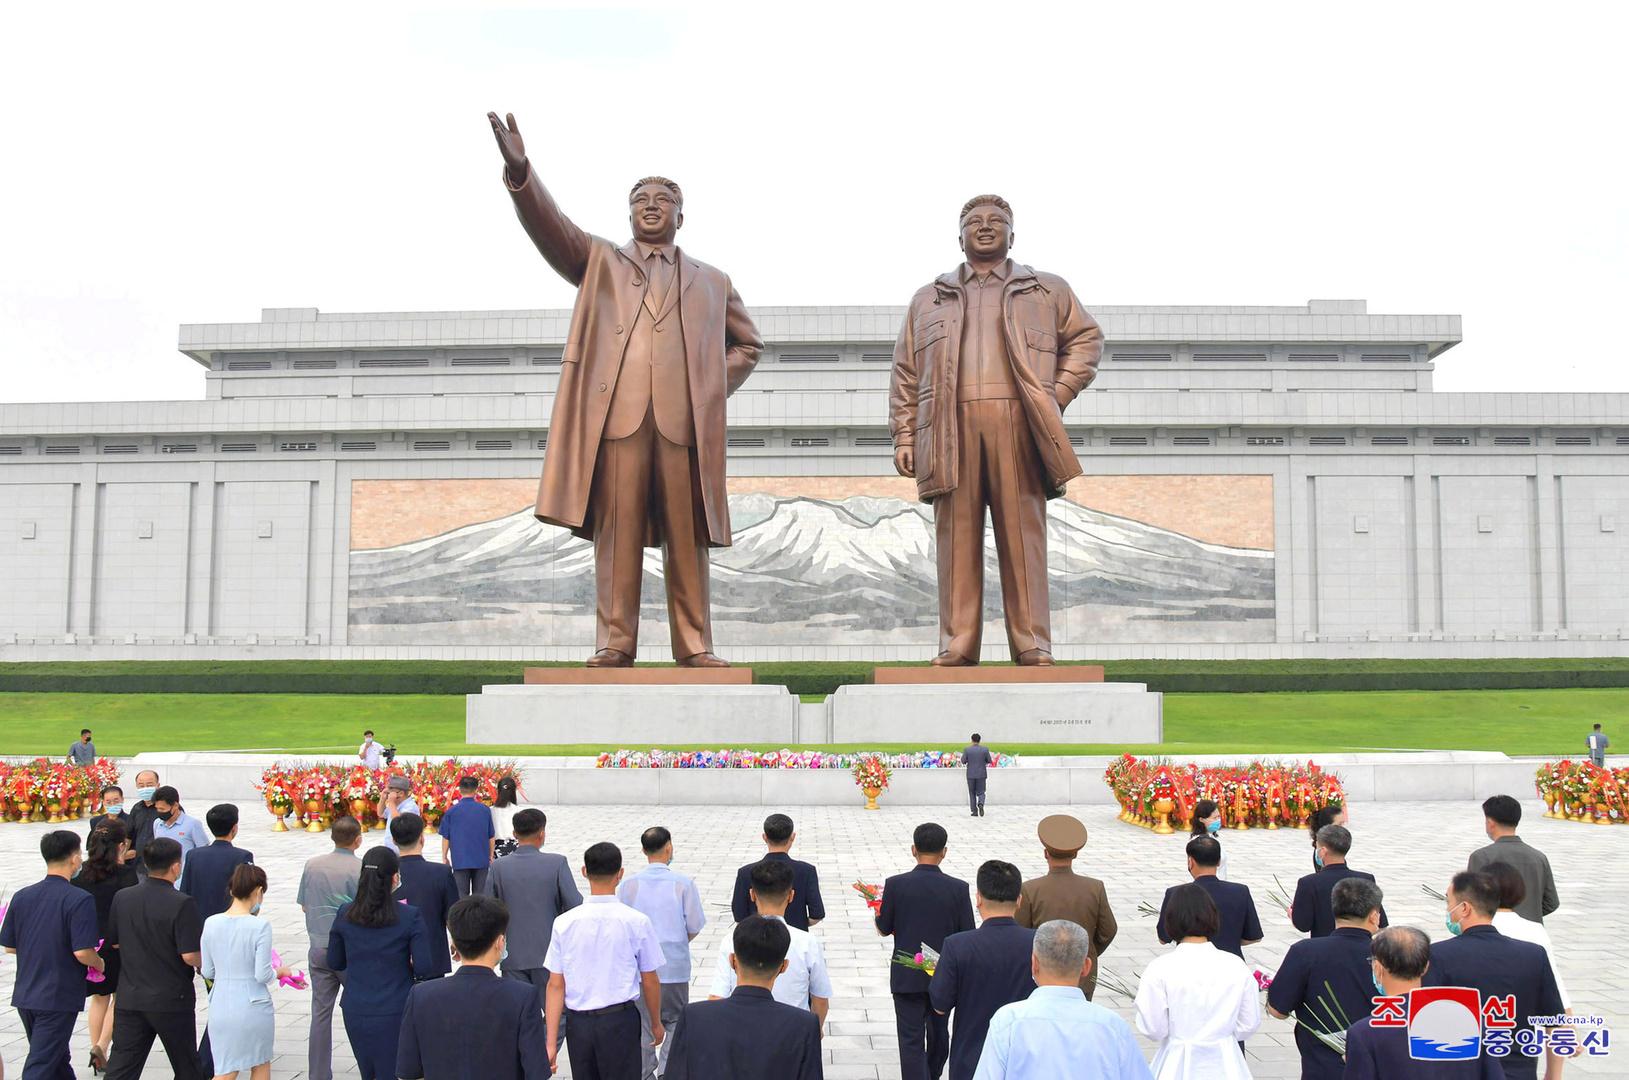 واشنطن: حرس الحدود الكوري الشمالي تلقى أوامر بإطلاق النار لحماية البلاد من كورونا